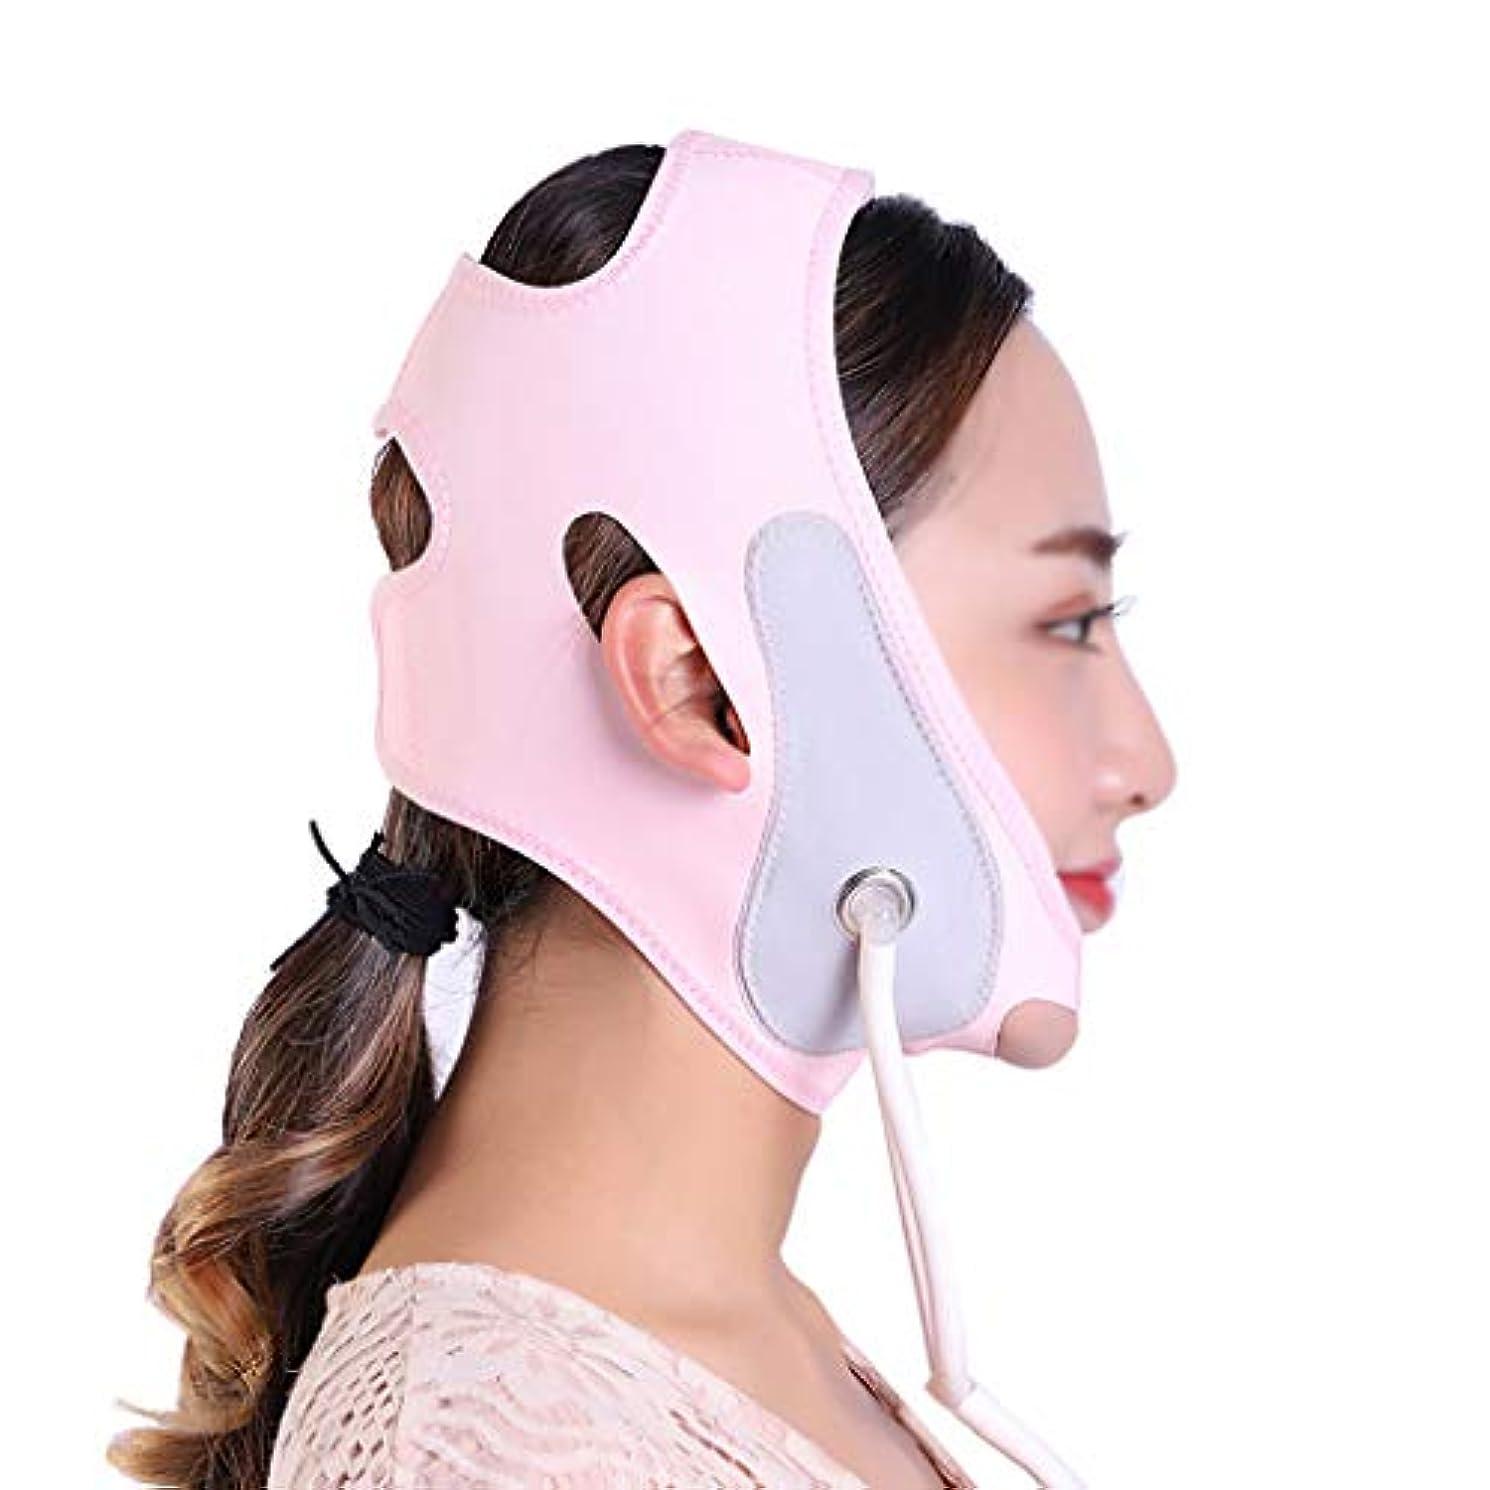 本土スーツケースいつ顔と首のリフト後伸縮性のある袖の薄い顔のマスクの引き締めの改善咬筋の伸縮性のある薄い顔の弾性の包帯V顔のアーティファクト